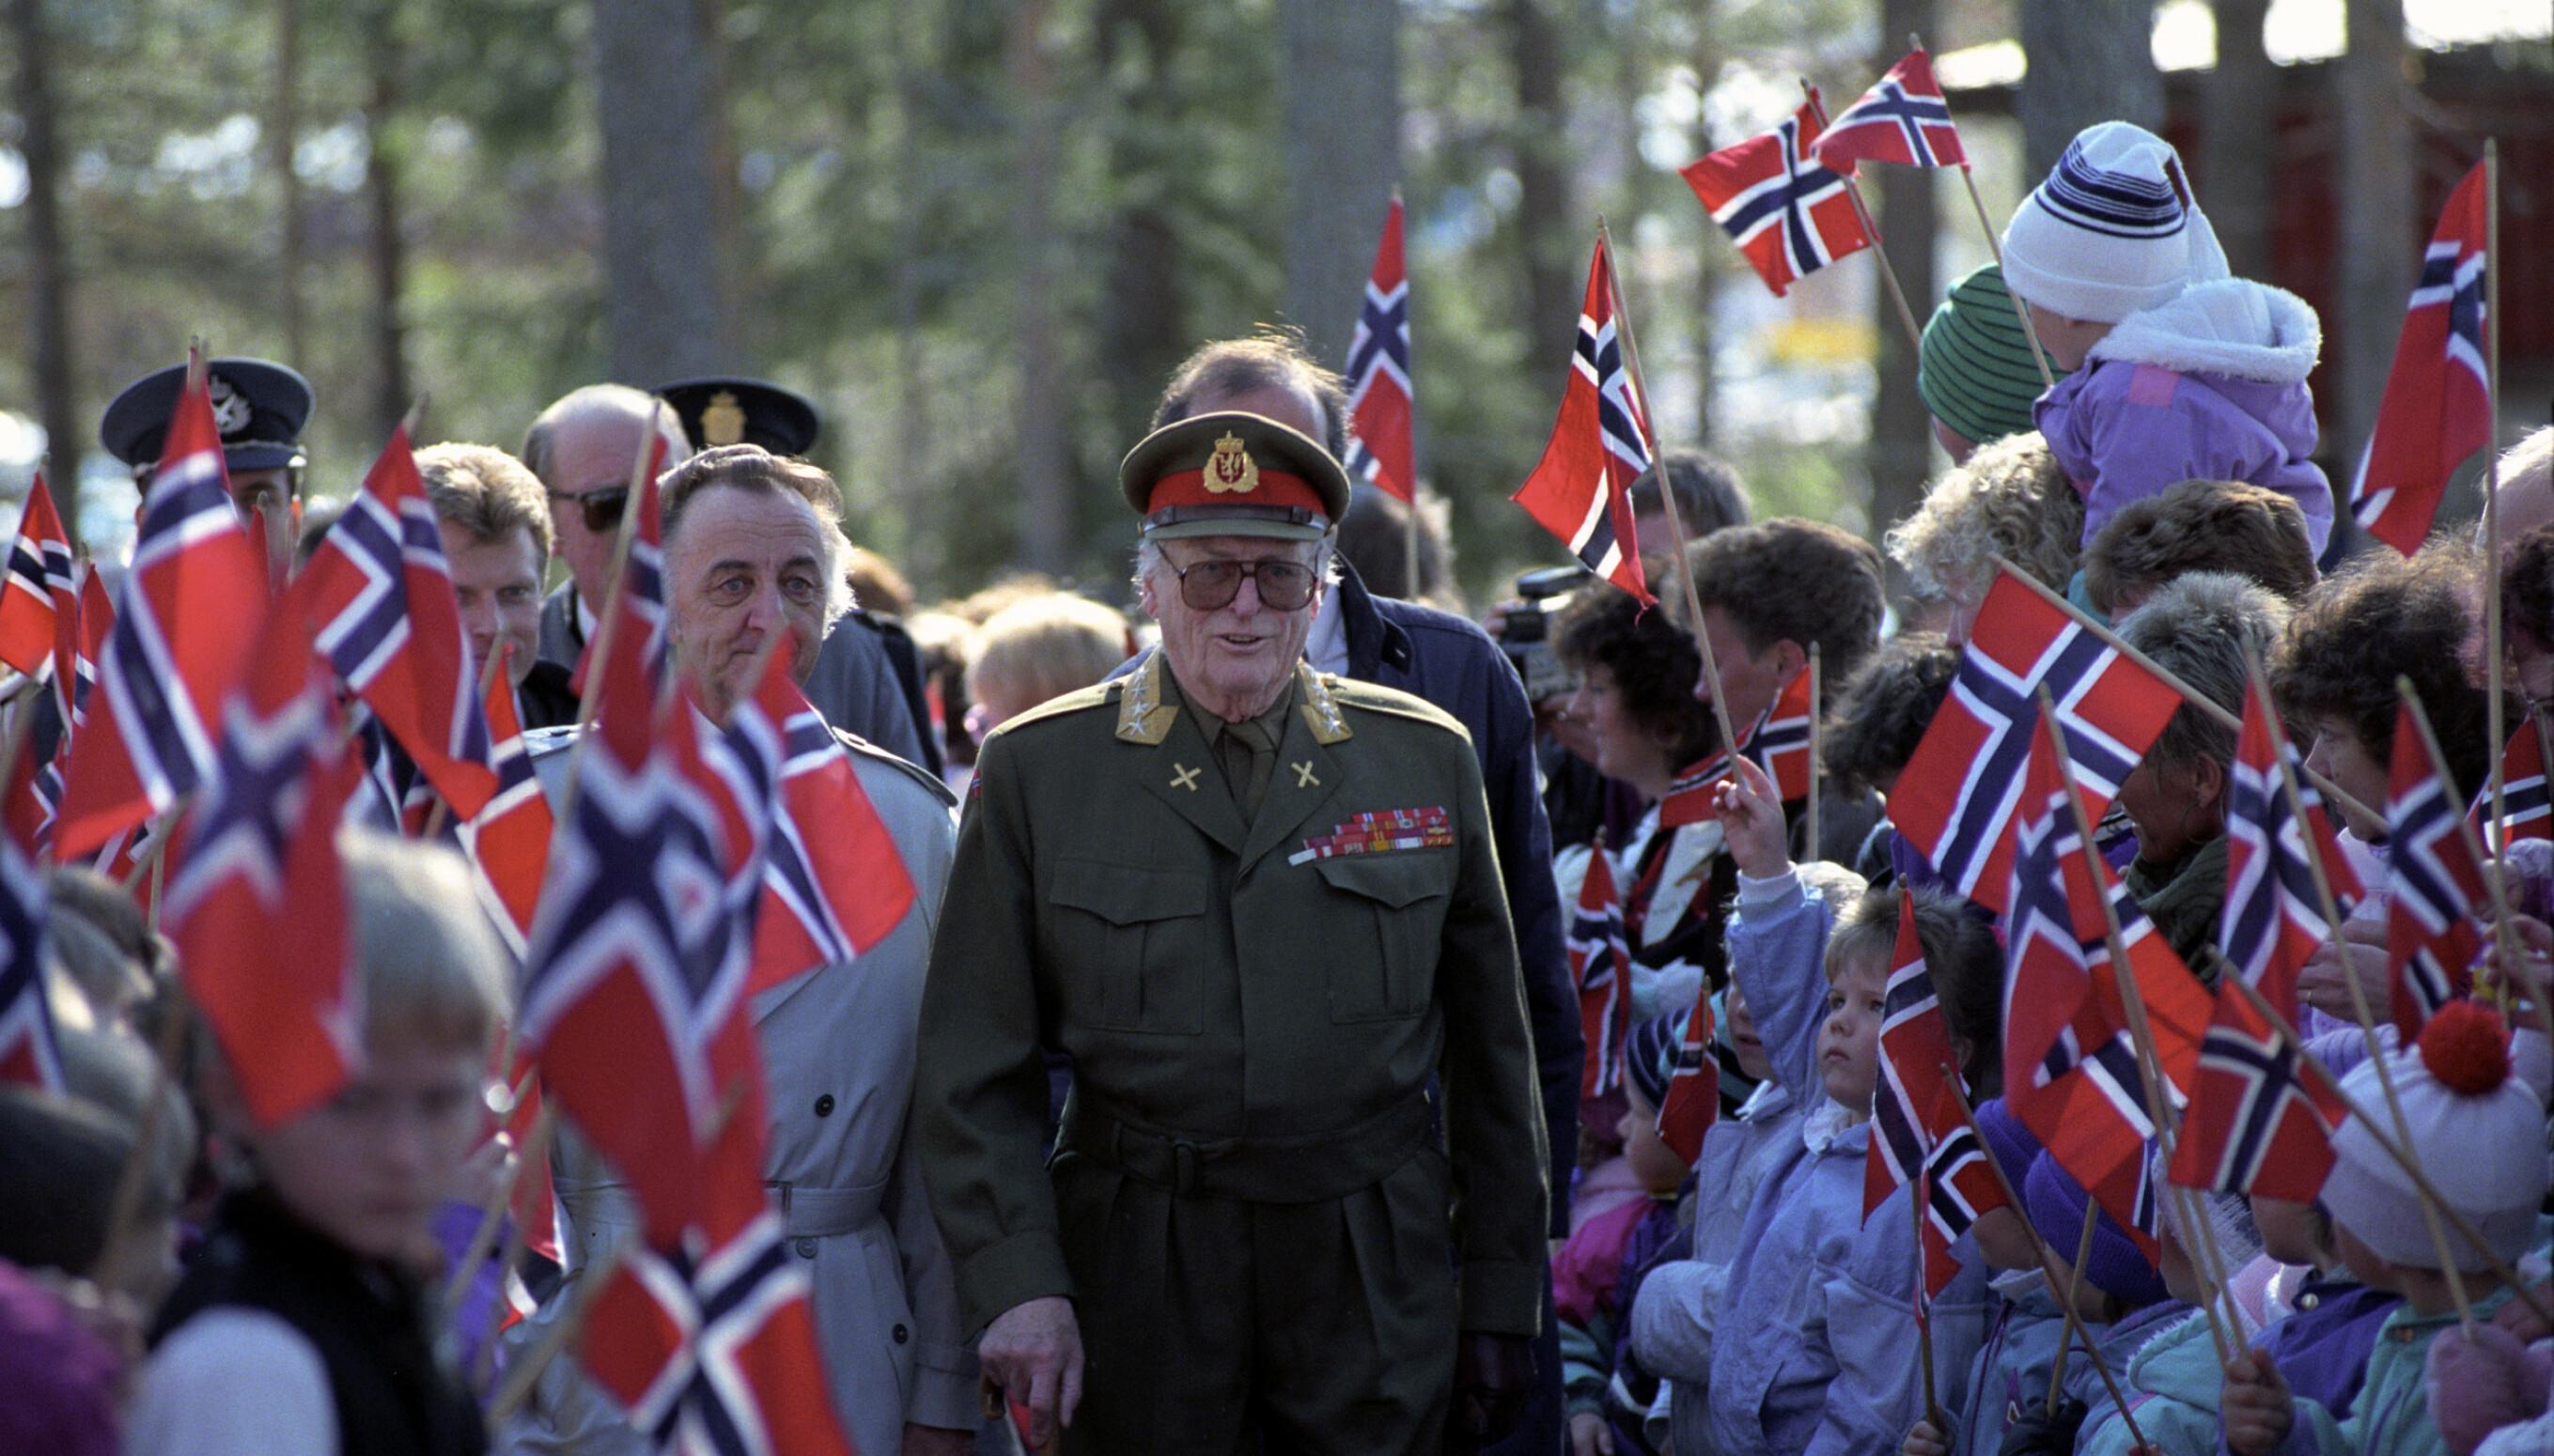 VI MINNES: 10. april 1990 besøkte kong Olav Elverum i forbindelse med femtiårsminnet av tyskernes invasjon av Norge. Drøyt ni måneder senere var det en annen krig som ga grunn til bekymring.